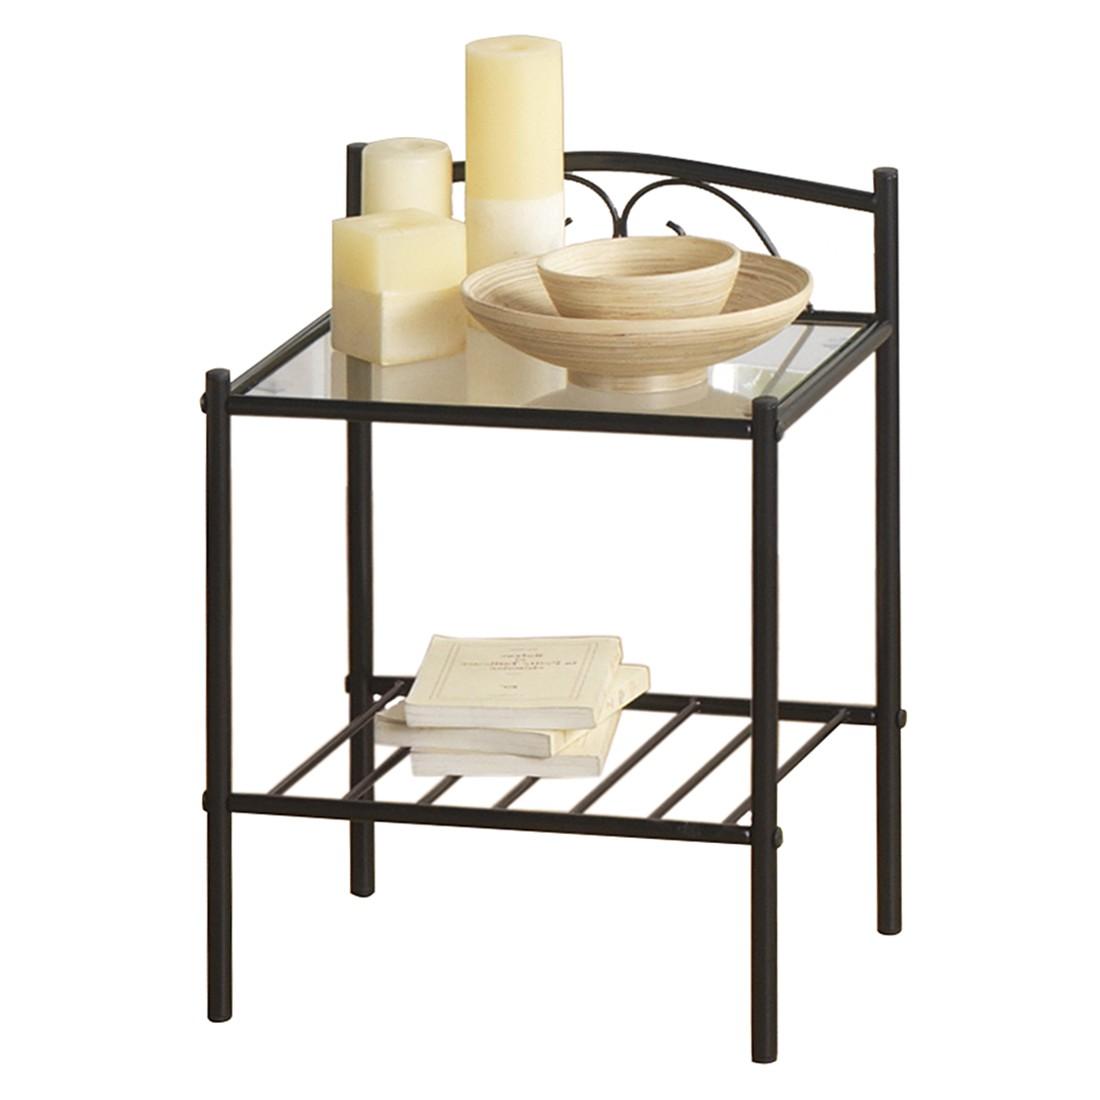 nachttisch cama metall schwarz gl nzend ebay. Black Bedroom Furniture Sets. Home Design Ideas